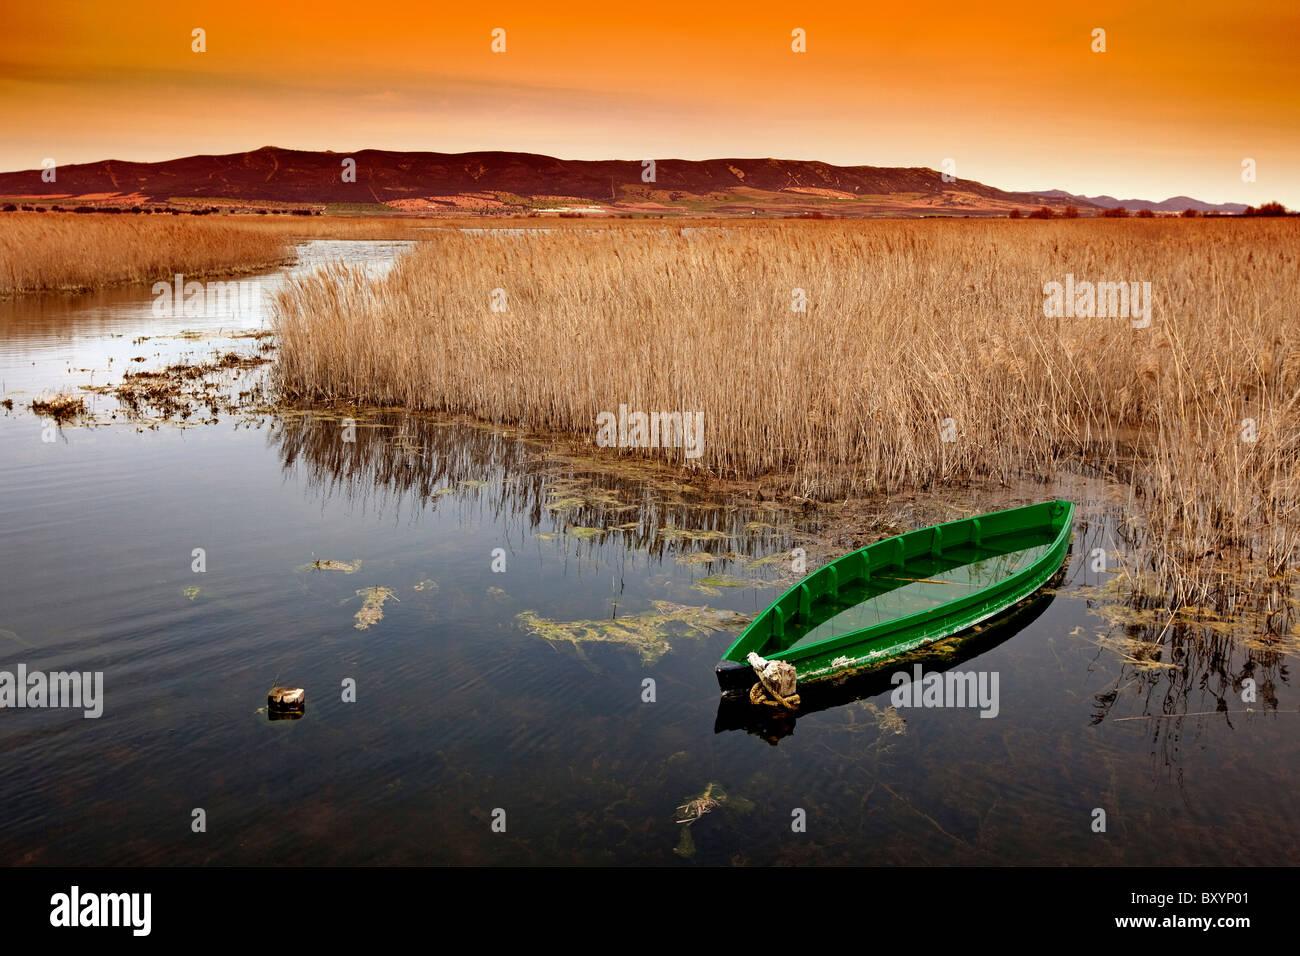 Barca en el Parque Nacional de las Tablas de Daimiel Ciudad Real Castille La Mancha España voile National Park Photo Stock